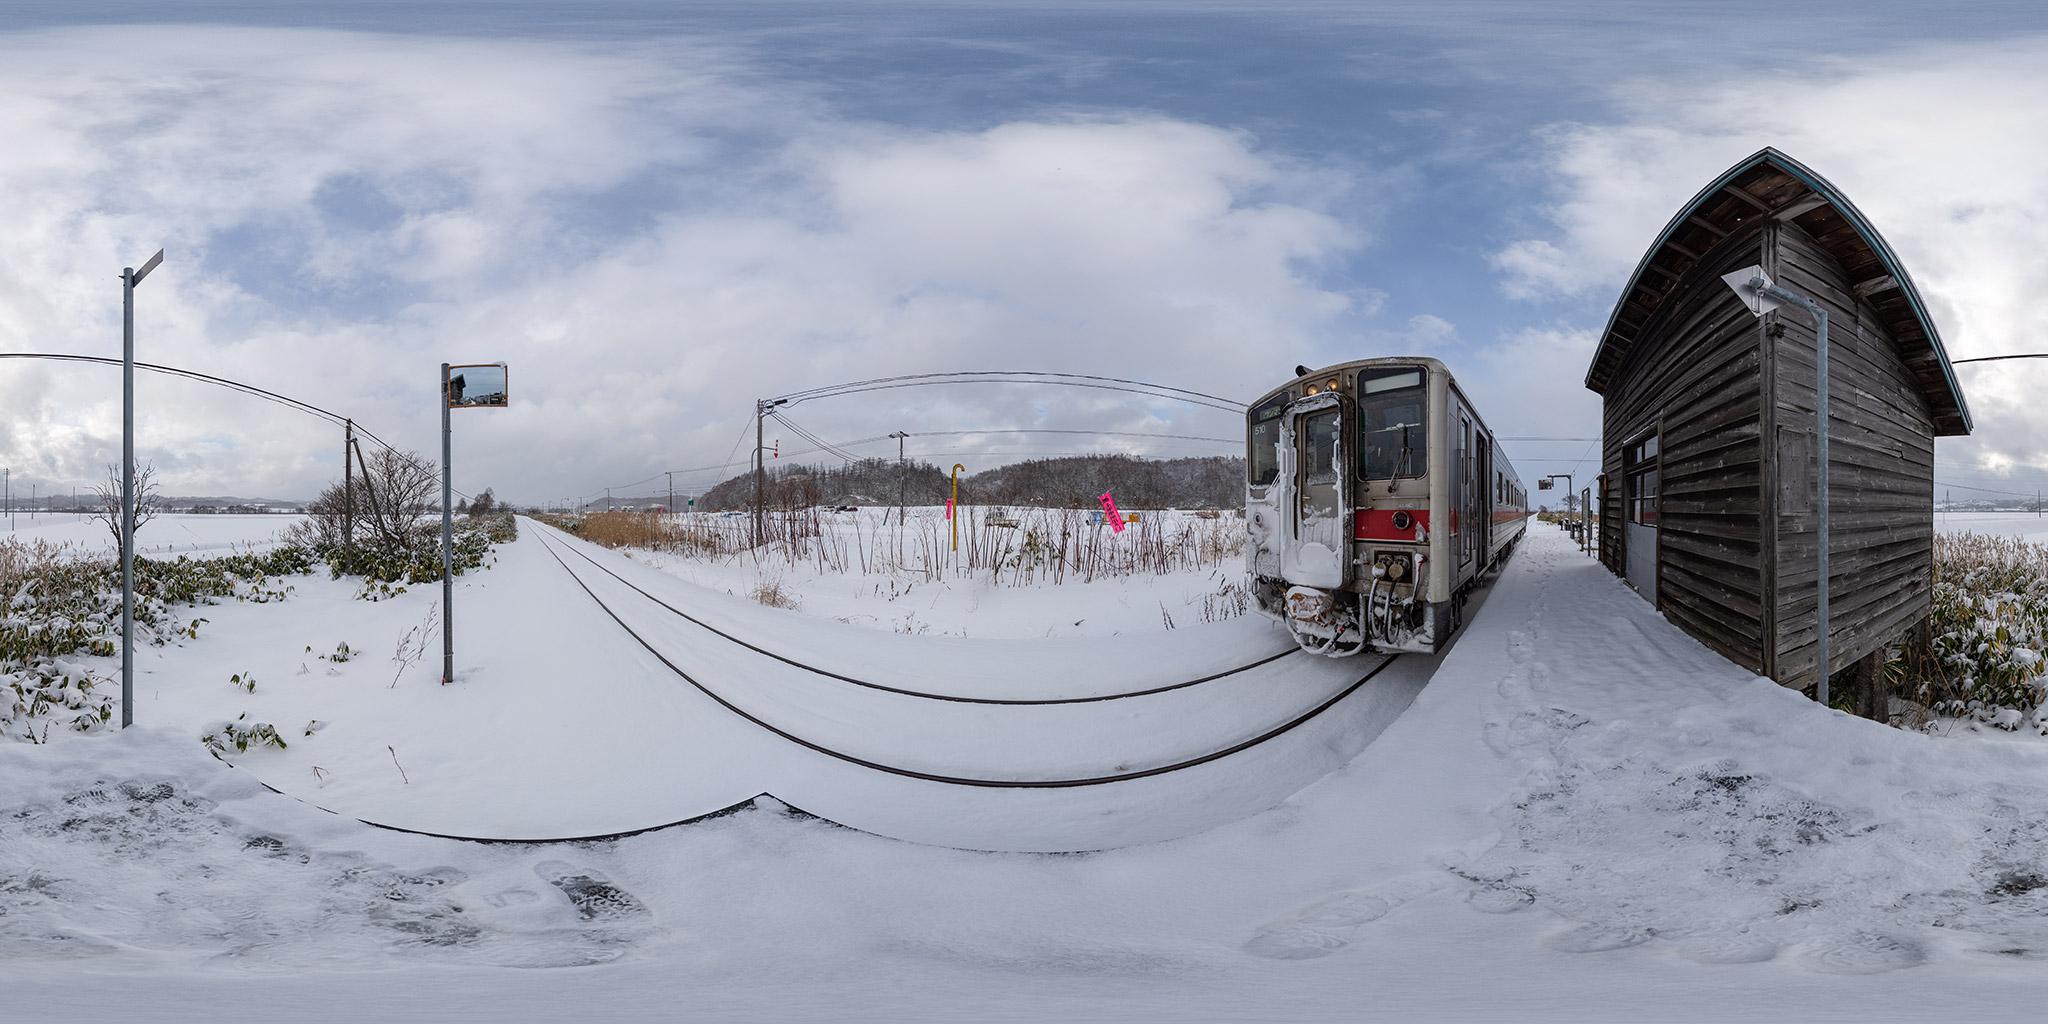 真布駅に停車中のキハ54 510(4924D)